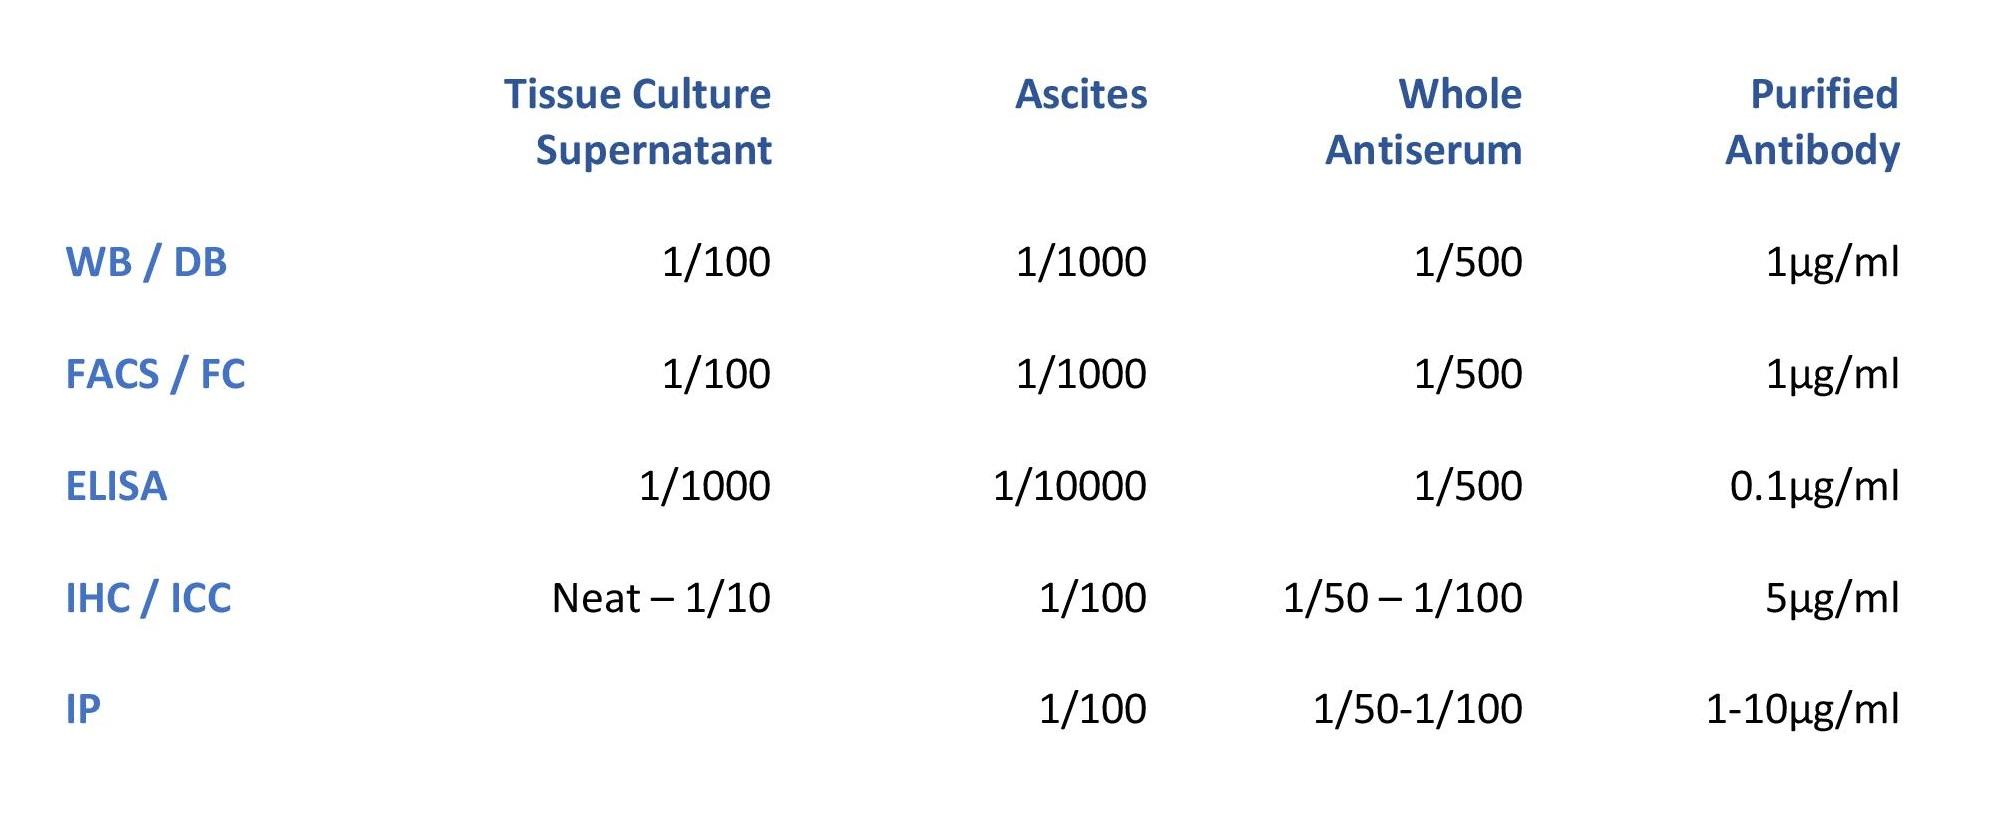 Antibody Dilution Table - Antibodies.com